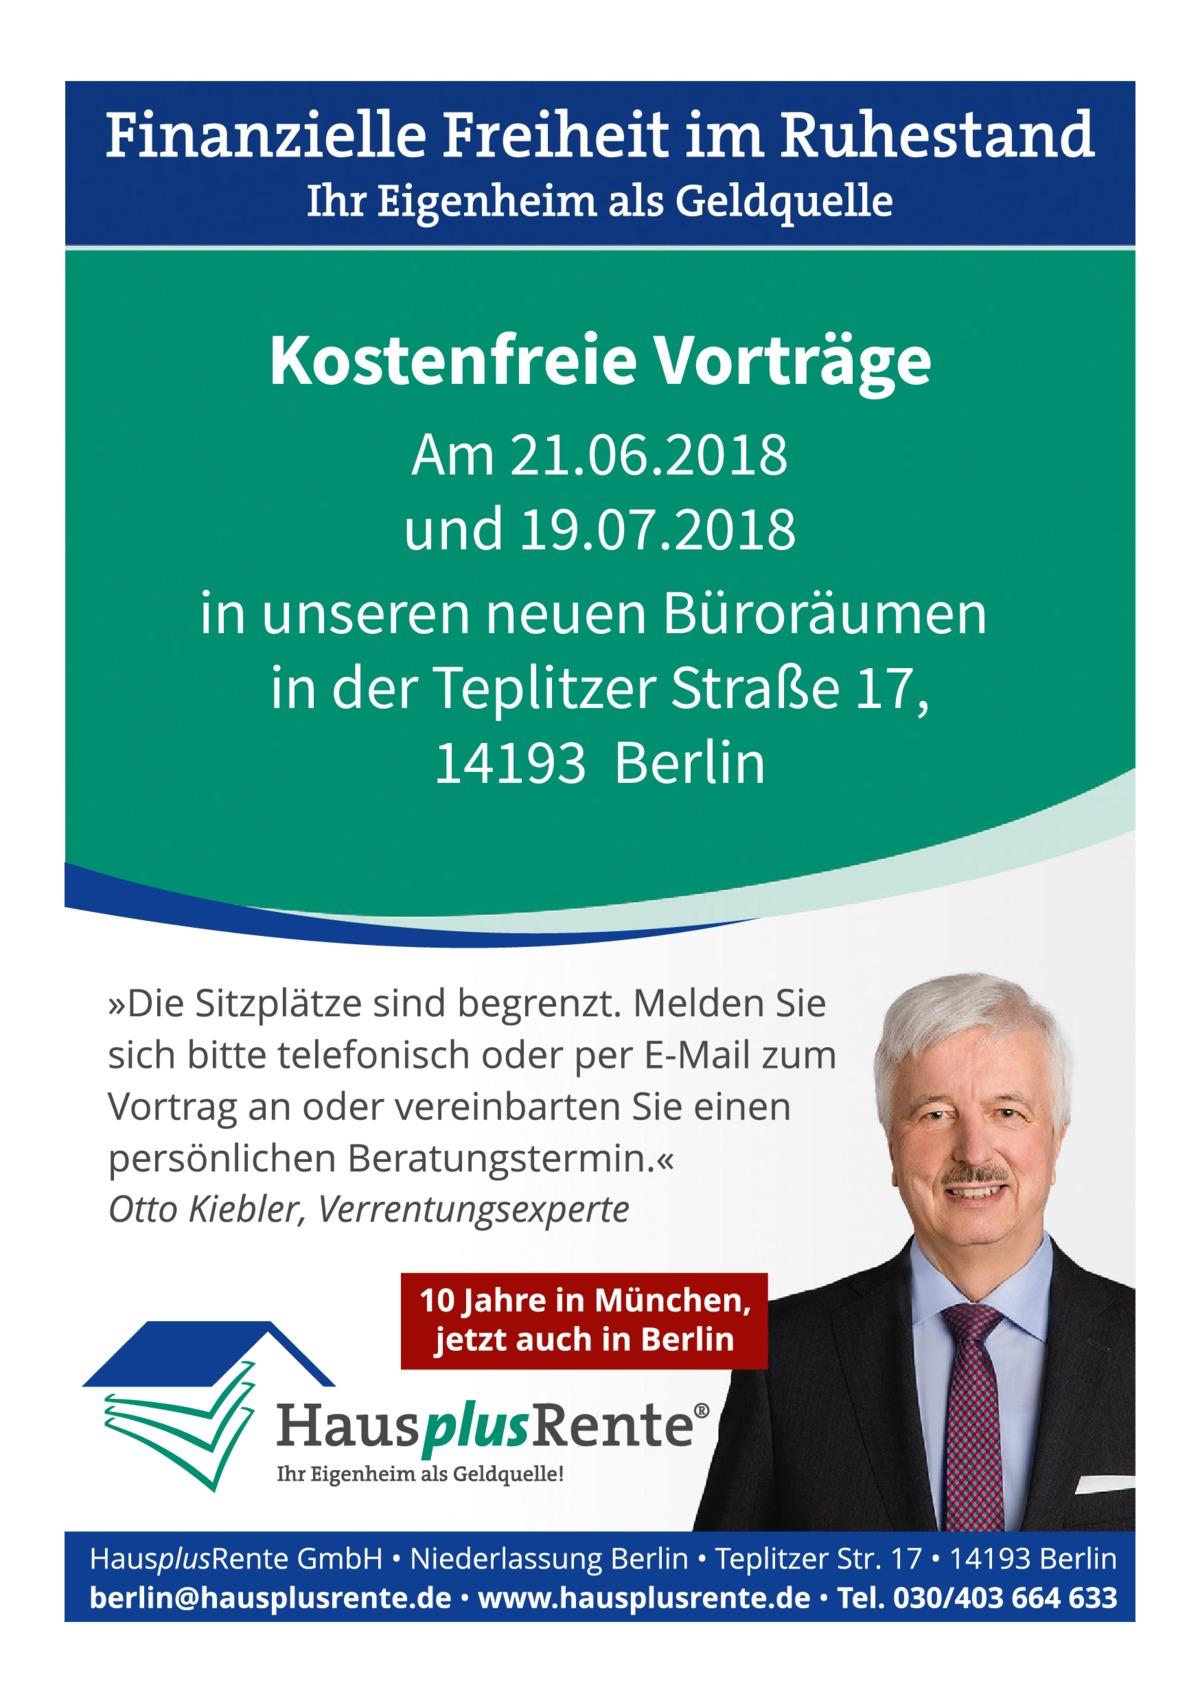 Kostenfreie Vorträge Am 21.06.2018 und 19.07.2018 in unseren neuen Büroräumen in der Teplitzer Straße 17, 14193 Berlin